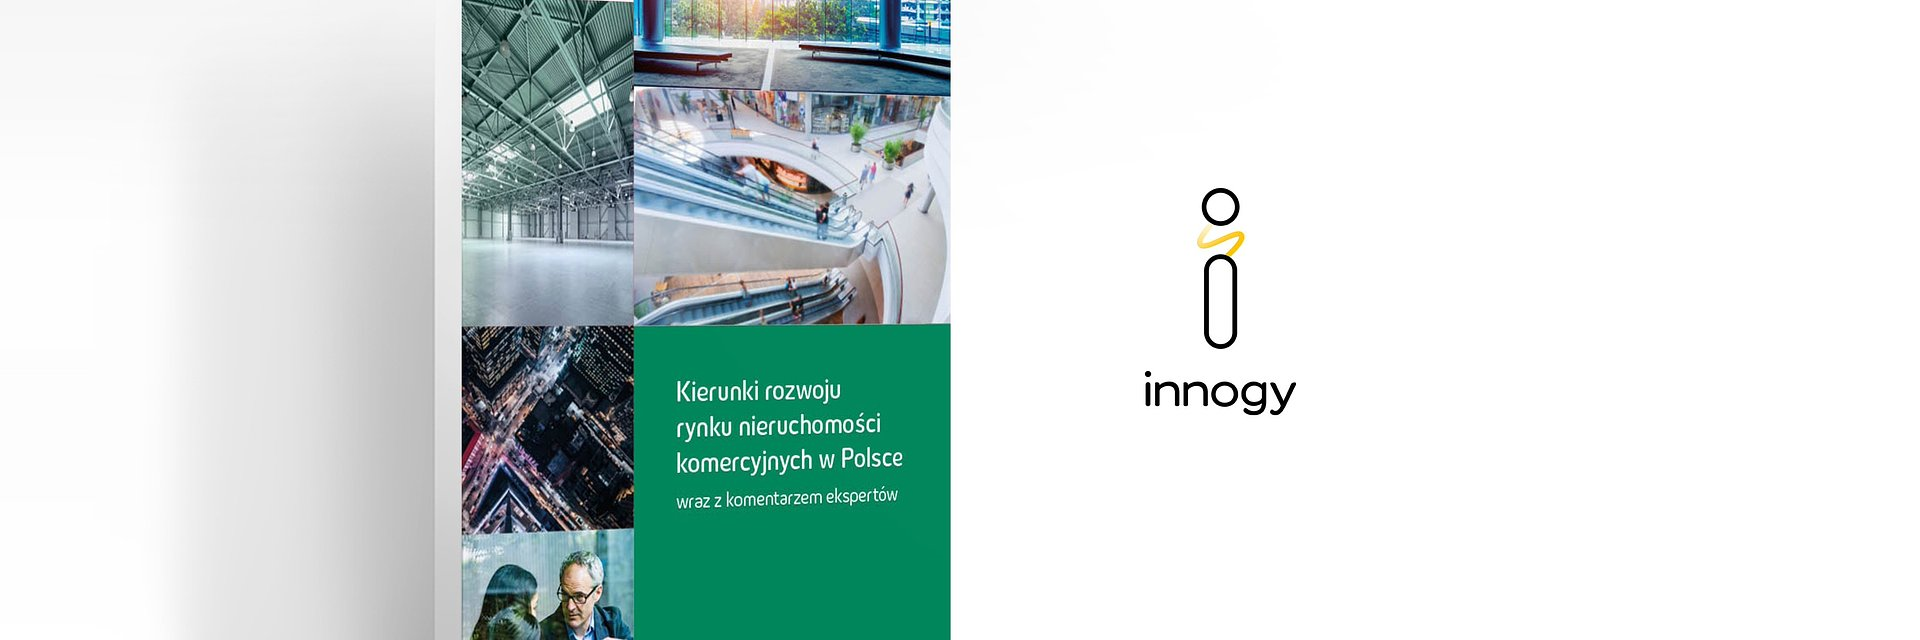 RAPORT: Kierunki rozwoju nieruchomości komercyjnych w Polsce